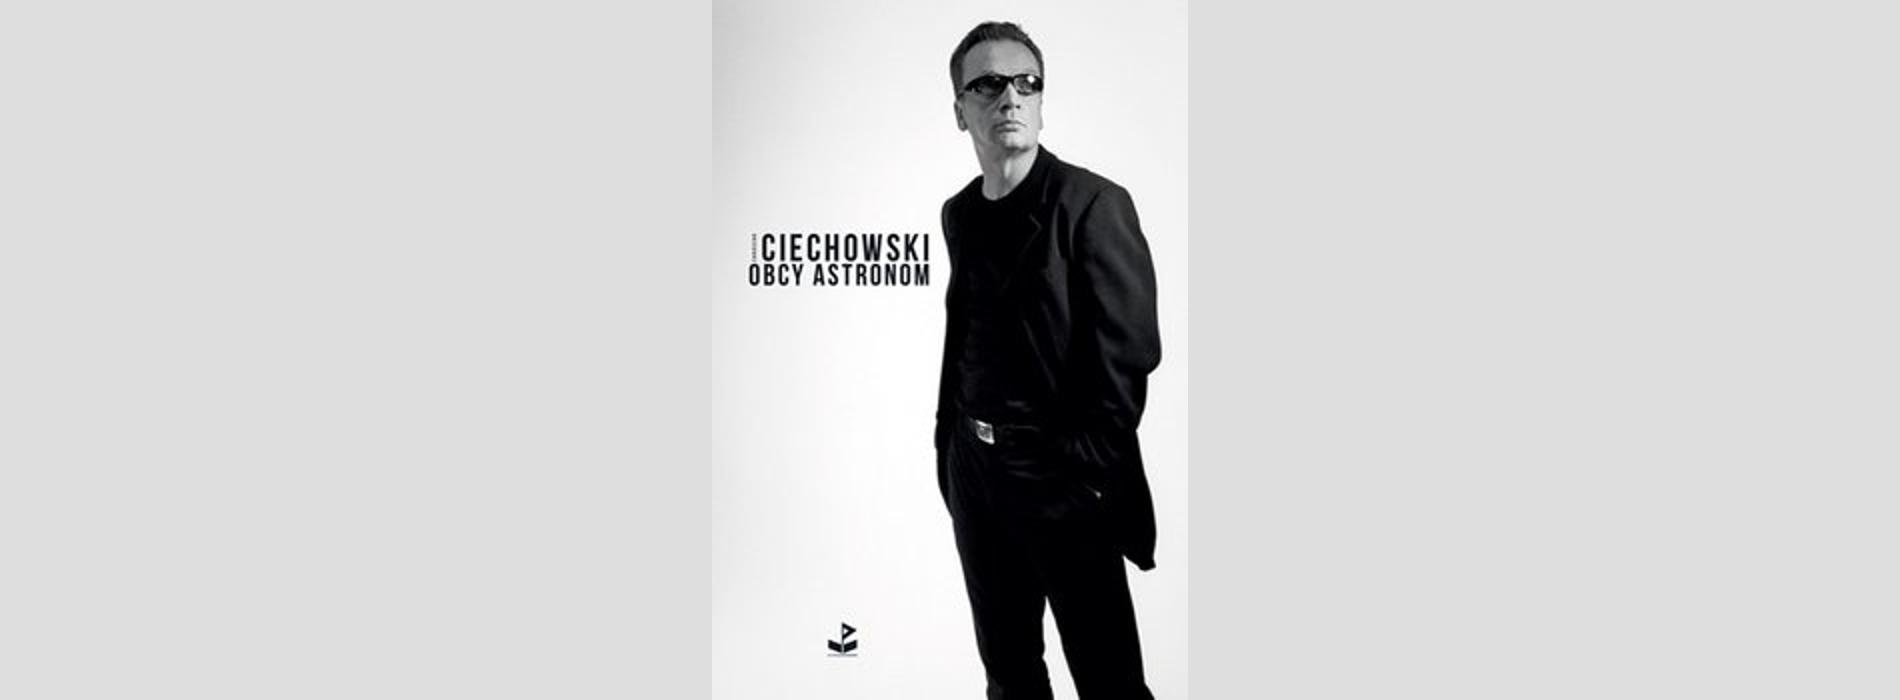 Ciechowski - Obcy astronom